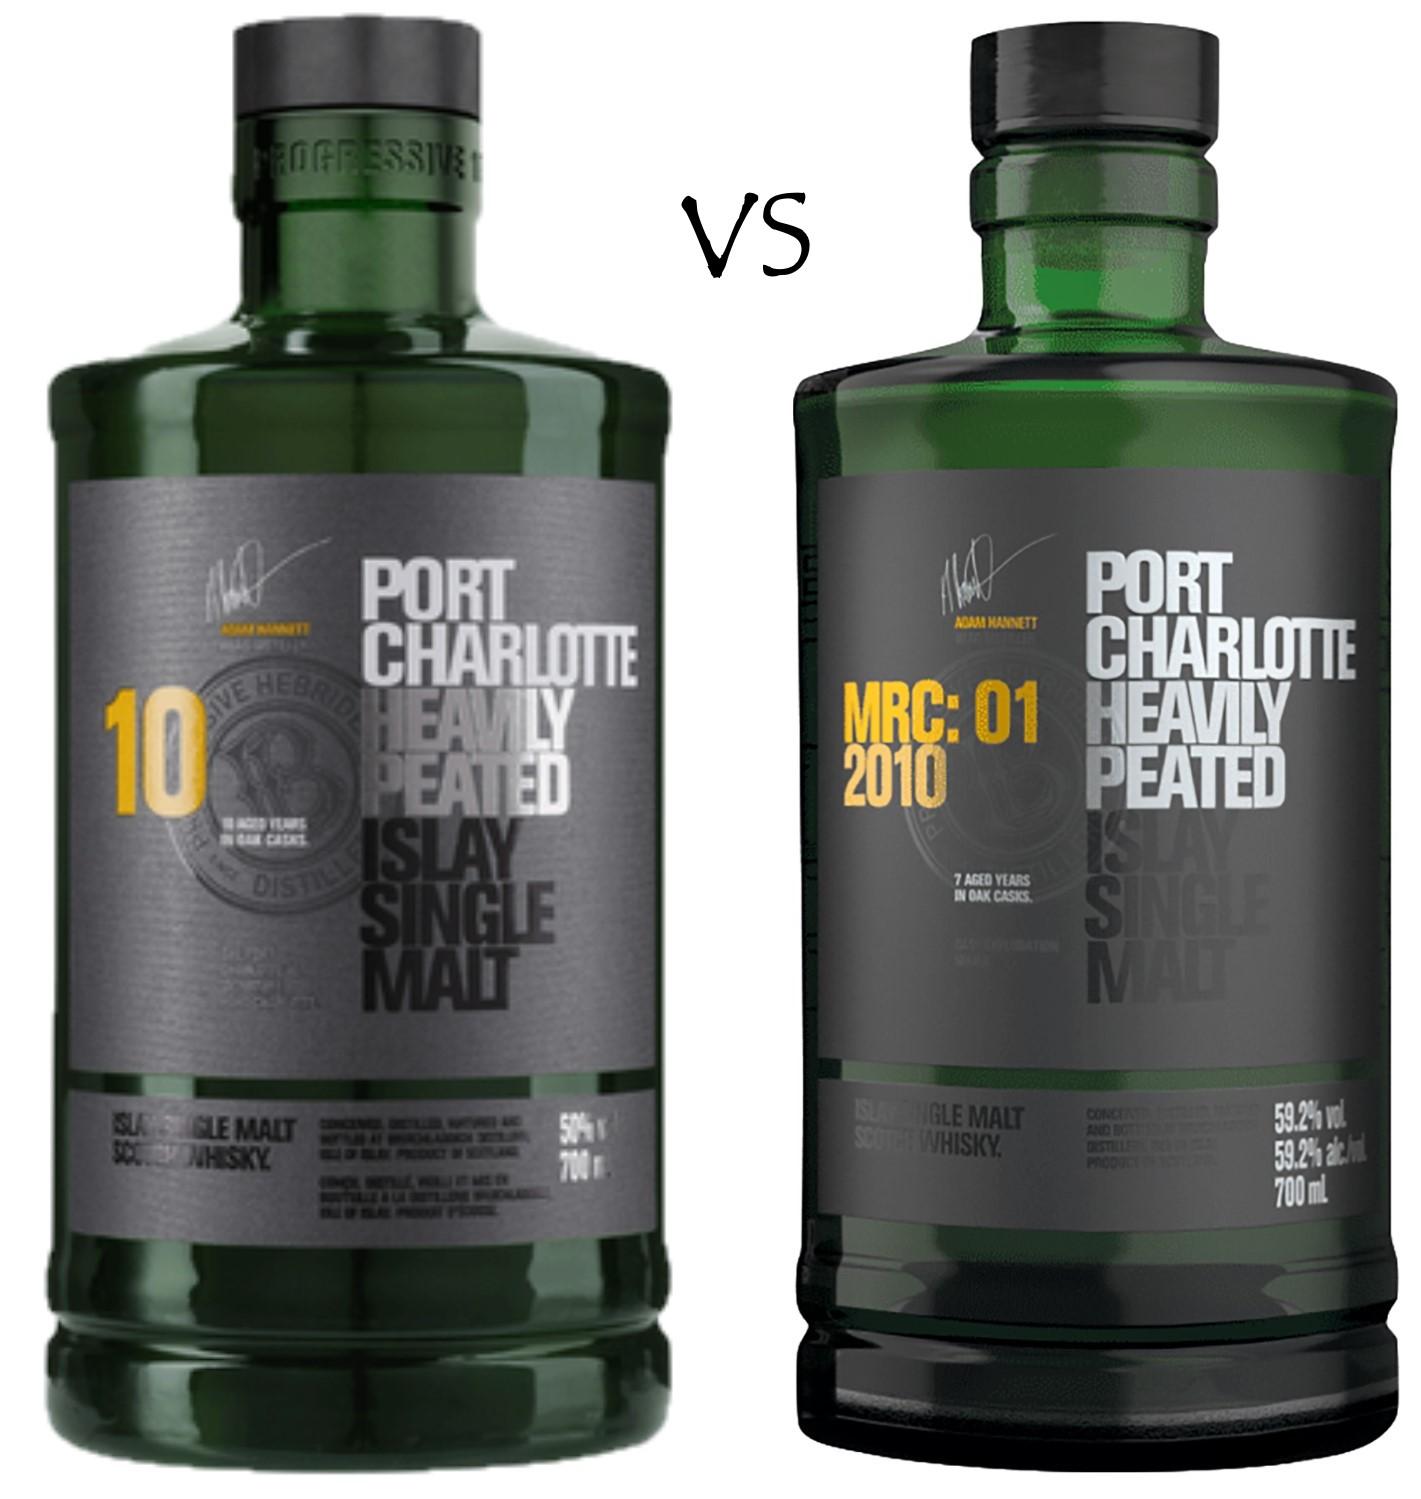 PORT CHARLOTTE PC10 vs MRC:01